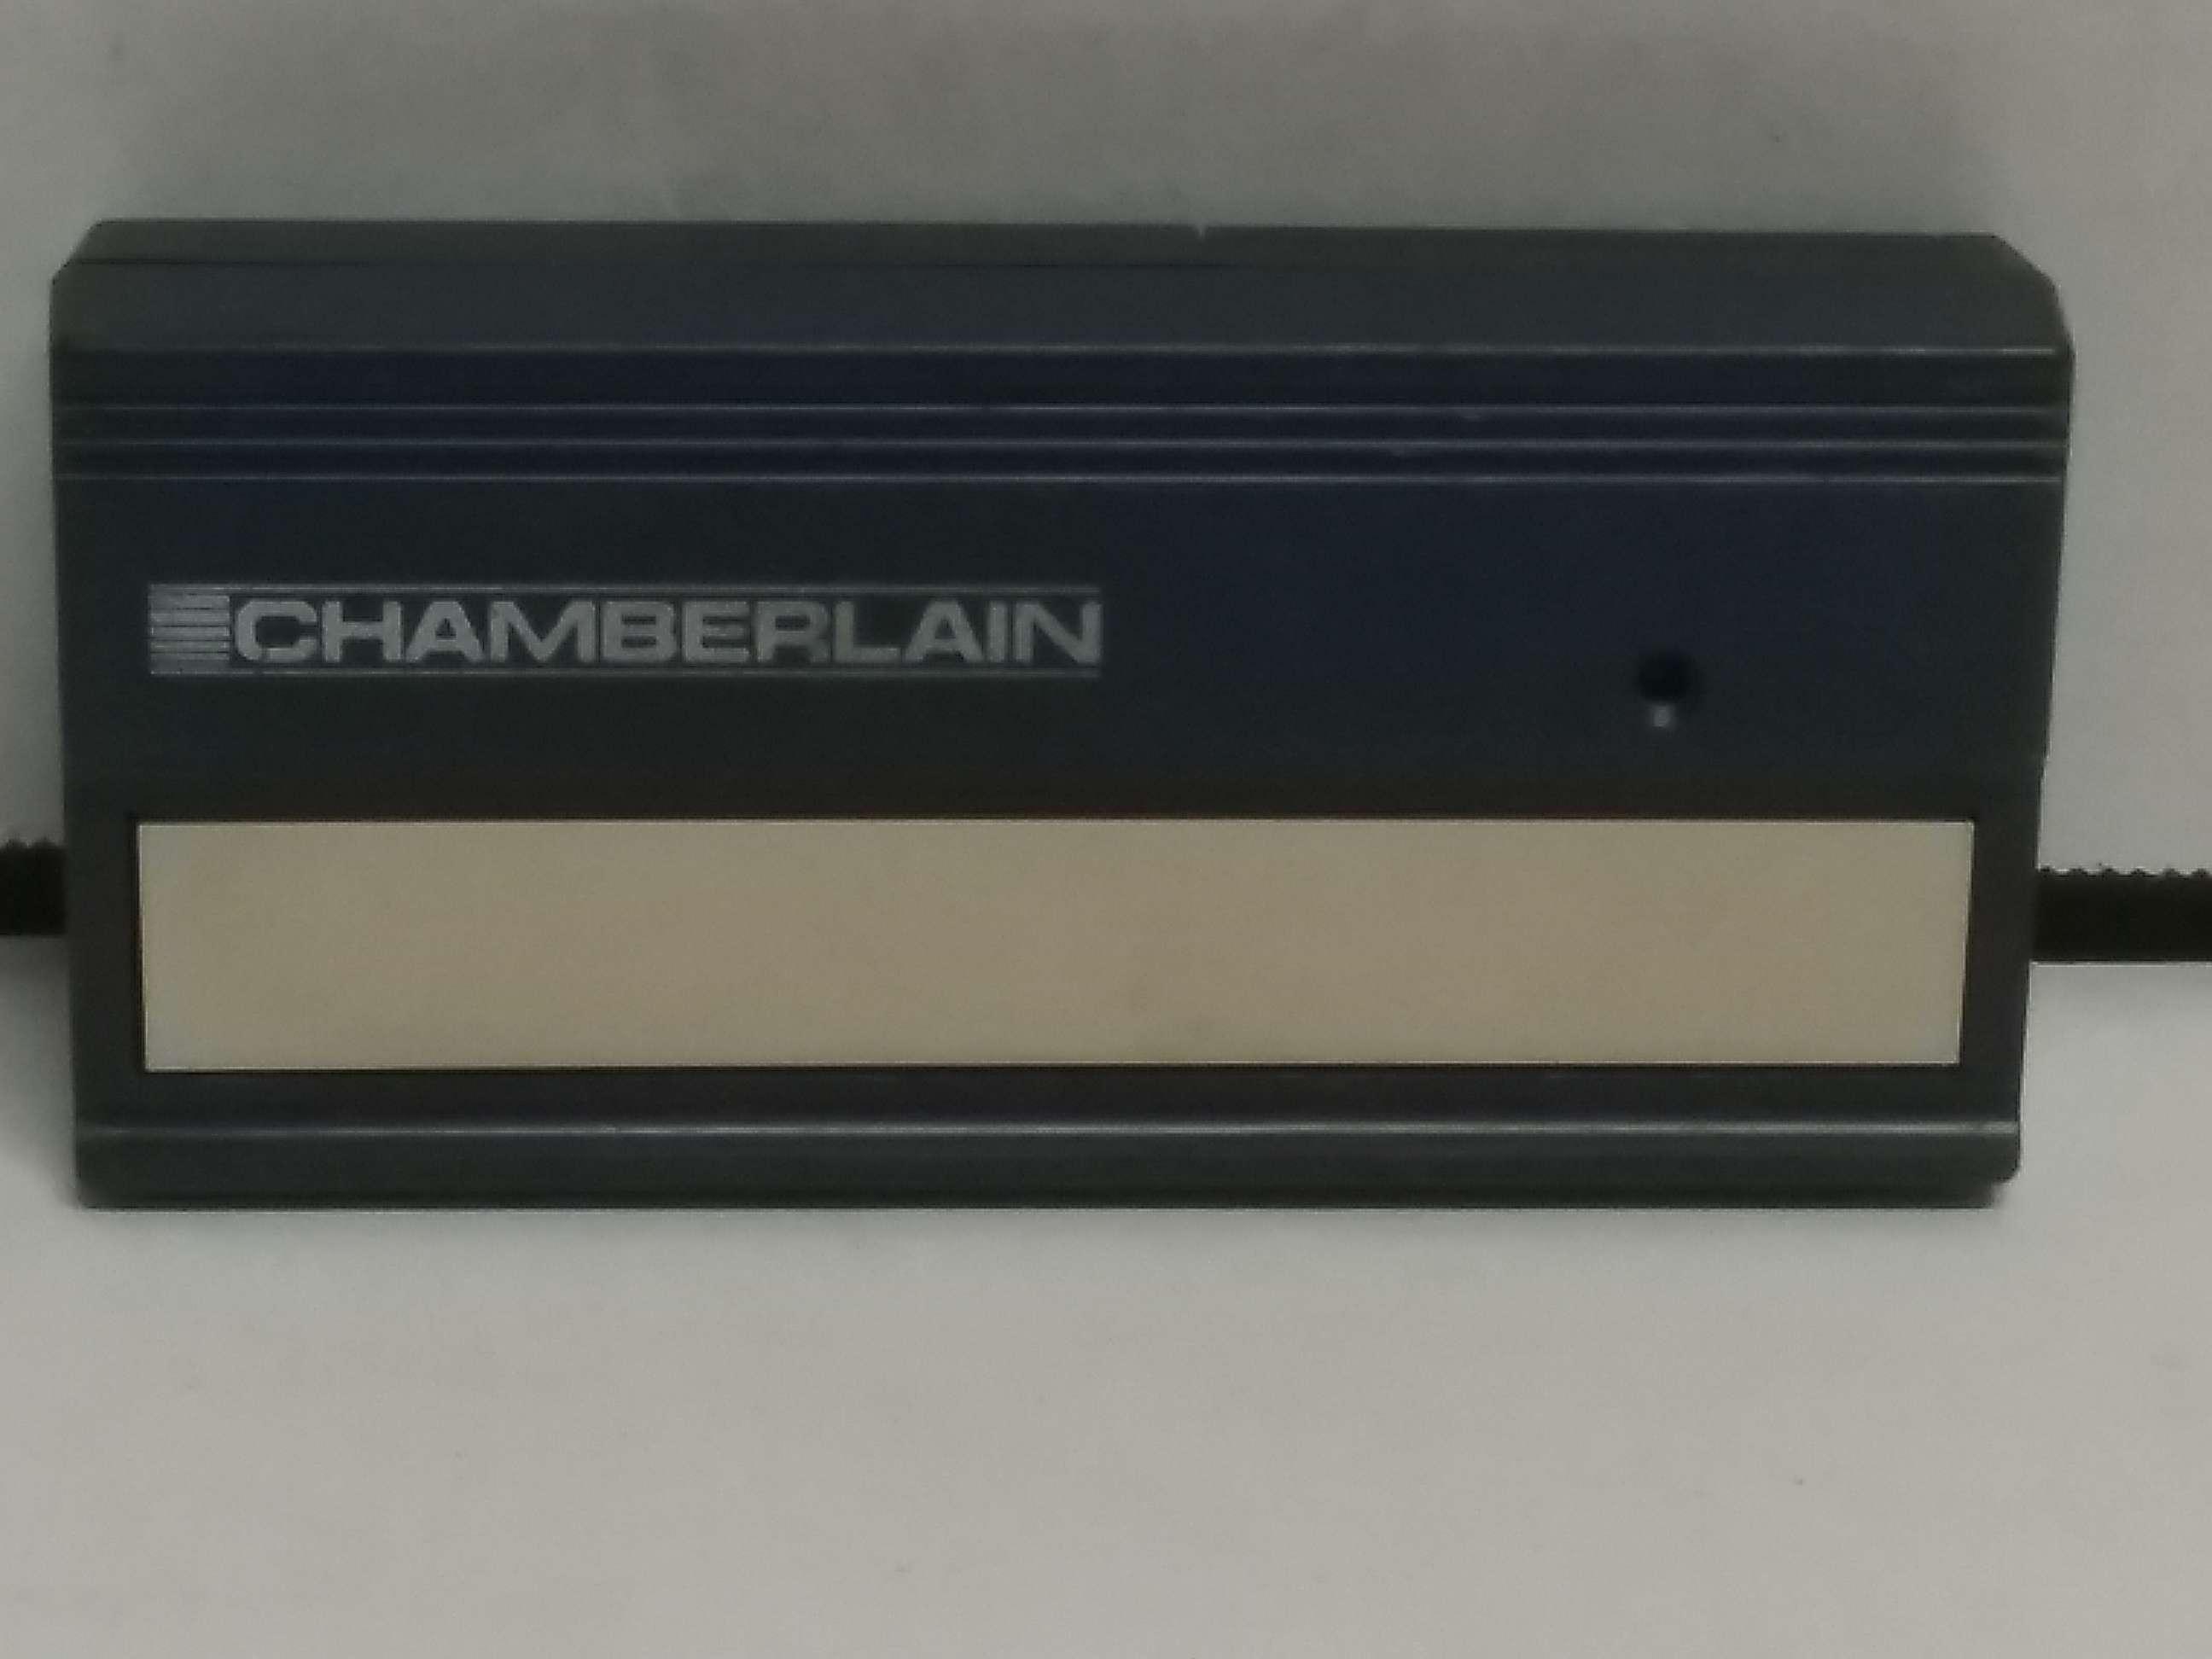 Chamberlain liftmaster single button garage door gate remote opener 850cb - Chamberlain liftmaster garage door ...